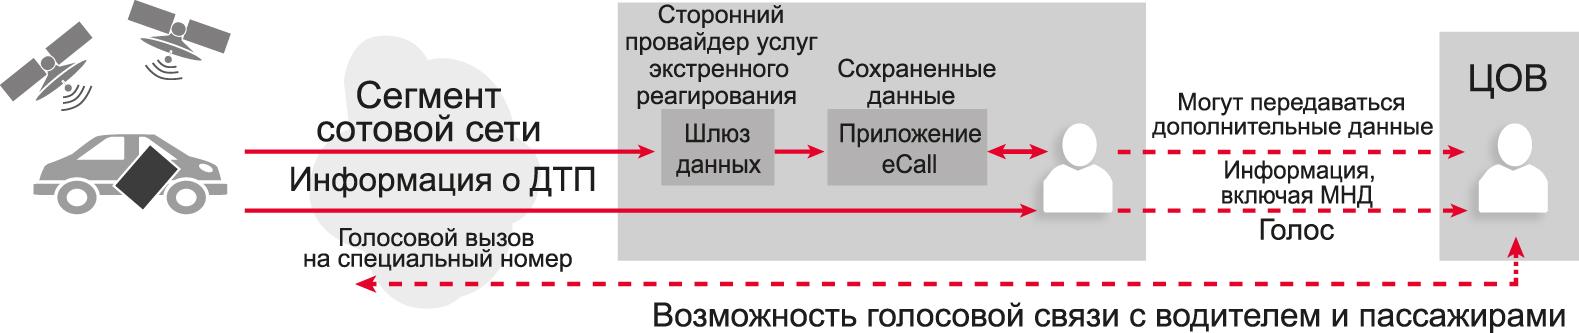 Схема оказания услуги экстренного реагирования сторонним провайдером согласно документу CEN TC278 WG15